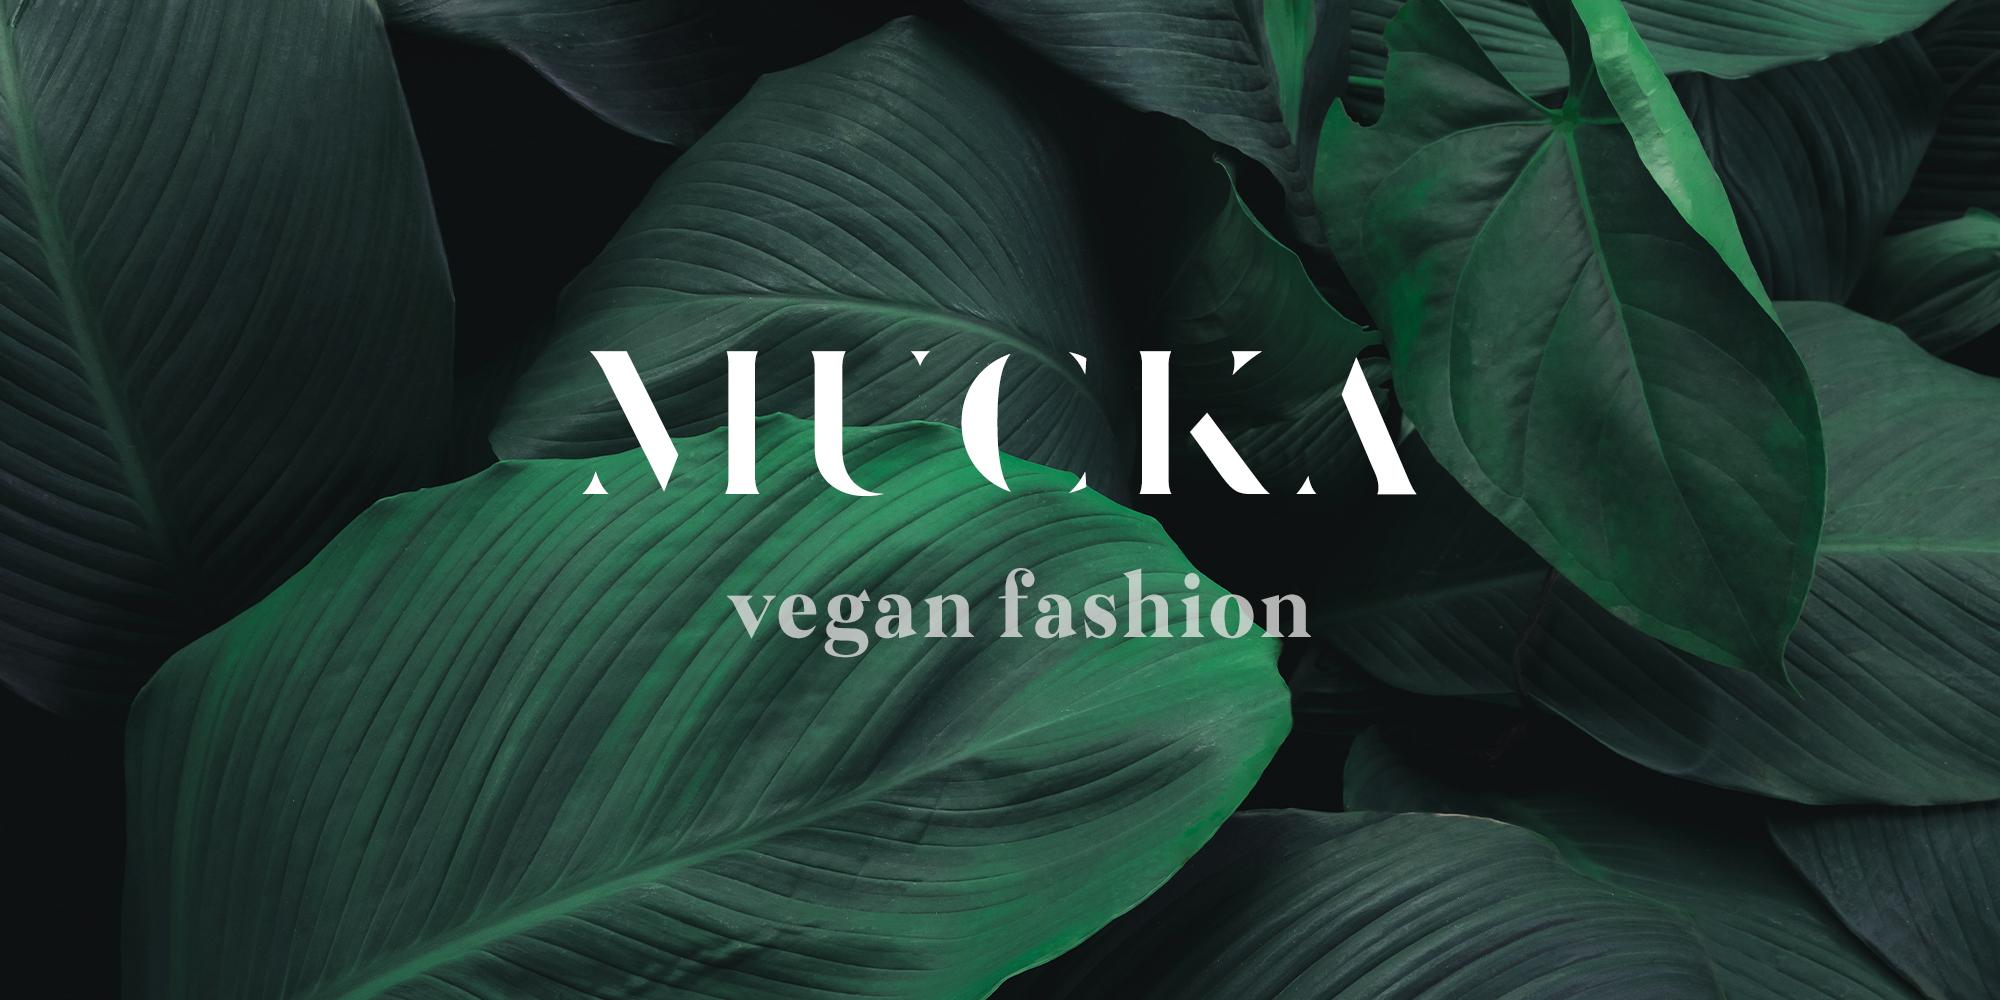 bob-agency-vegan-fashion-branding-mucka